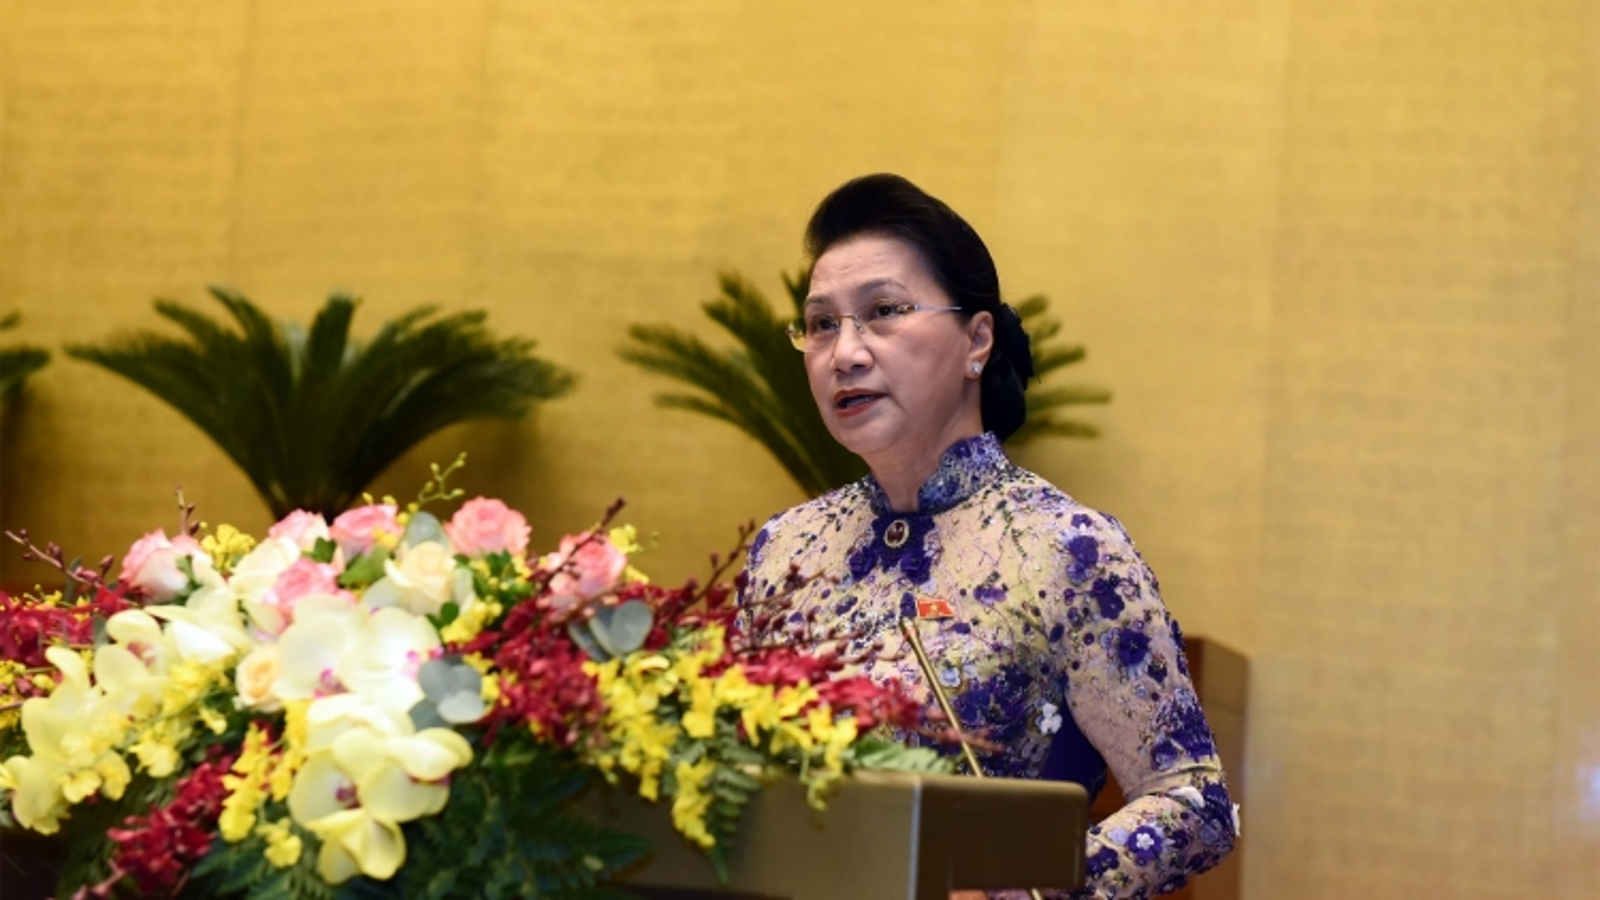 Chủ tịch Quốc hội: Kỳ họp chuyển giao nhiệm kỳ của các cơ quan trong bộ máy Nhà nước